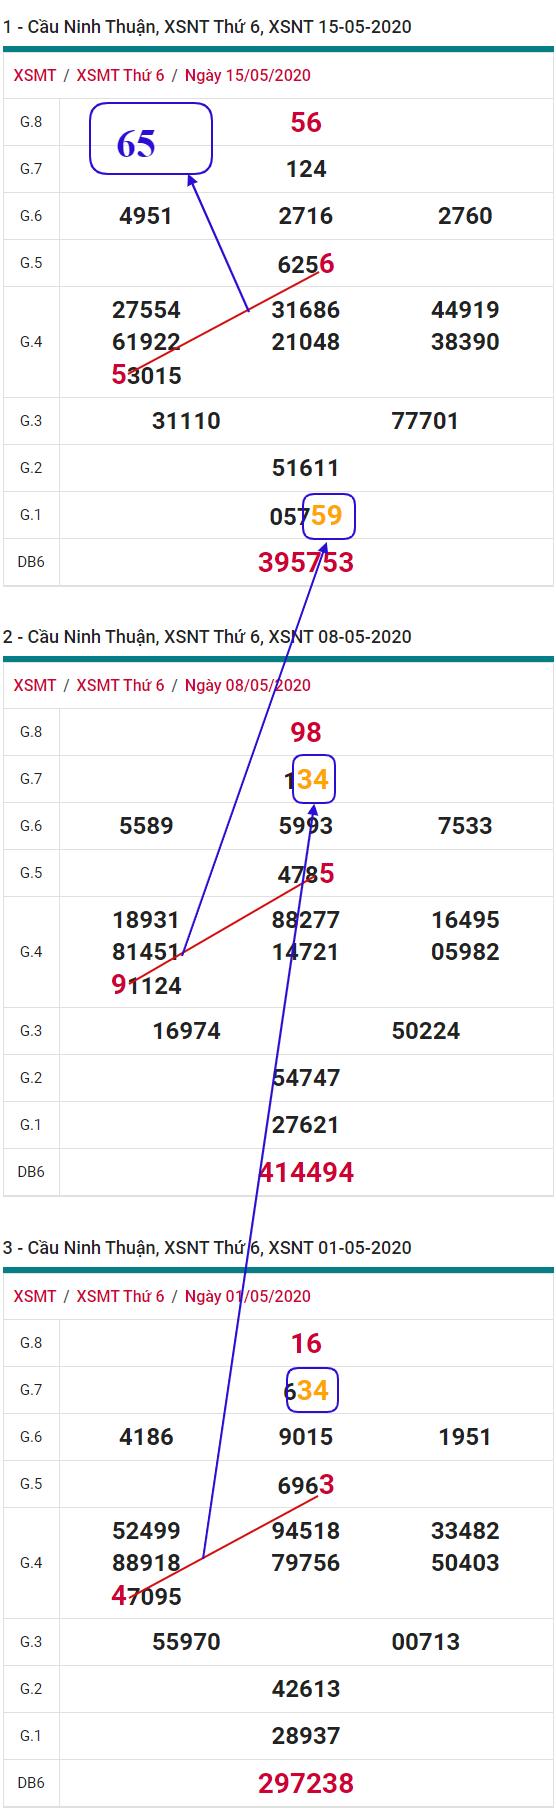 phan-tich-thong-ke-XSNT-thu-6-ngay-22-05